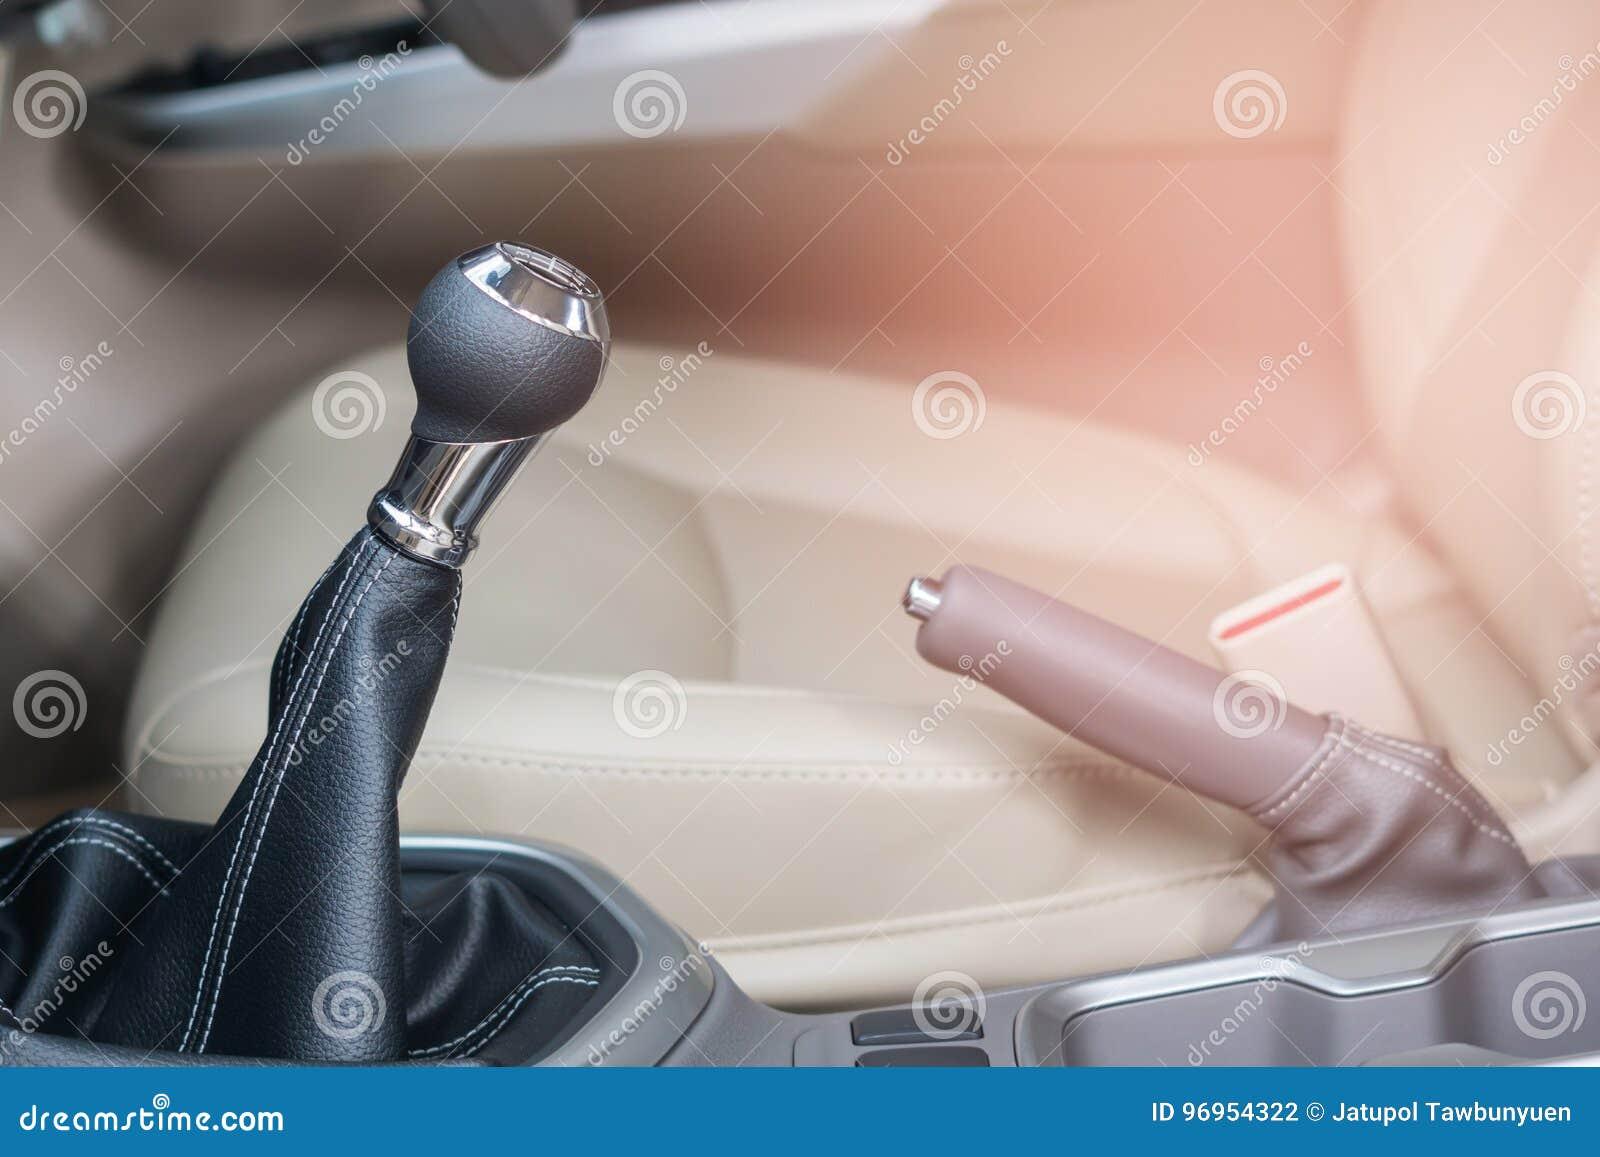 Gear shift in Modern car interior